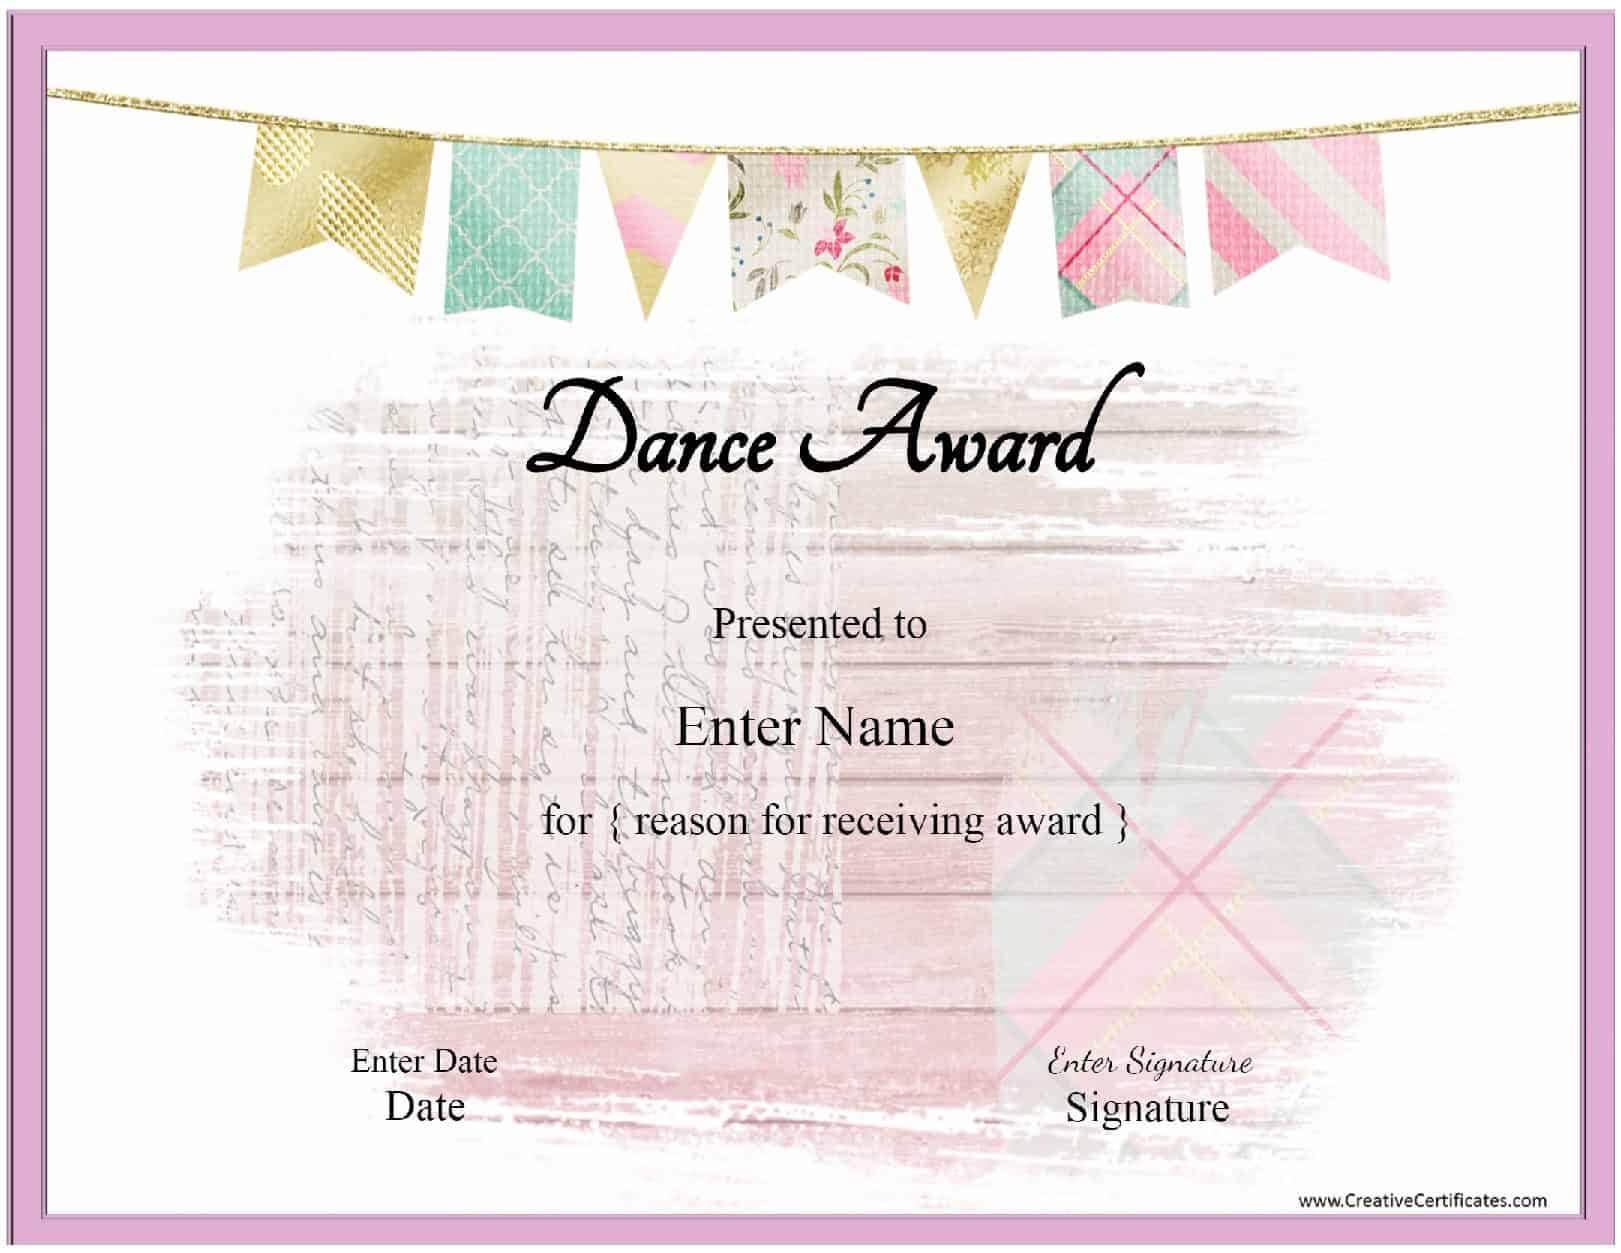 Free Dance Certificate Template - Customizable And Printable With Regard To Dance Certificate Template